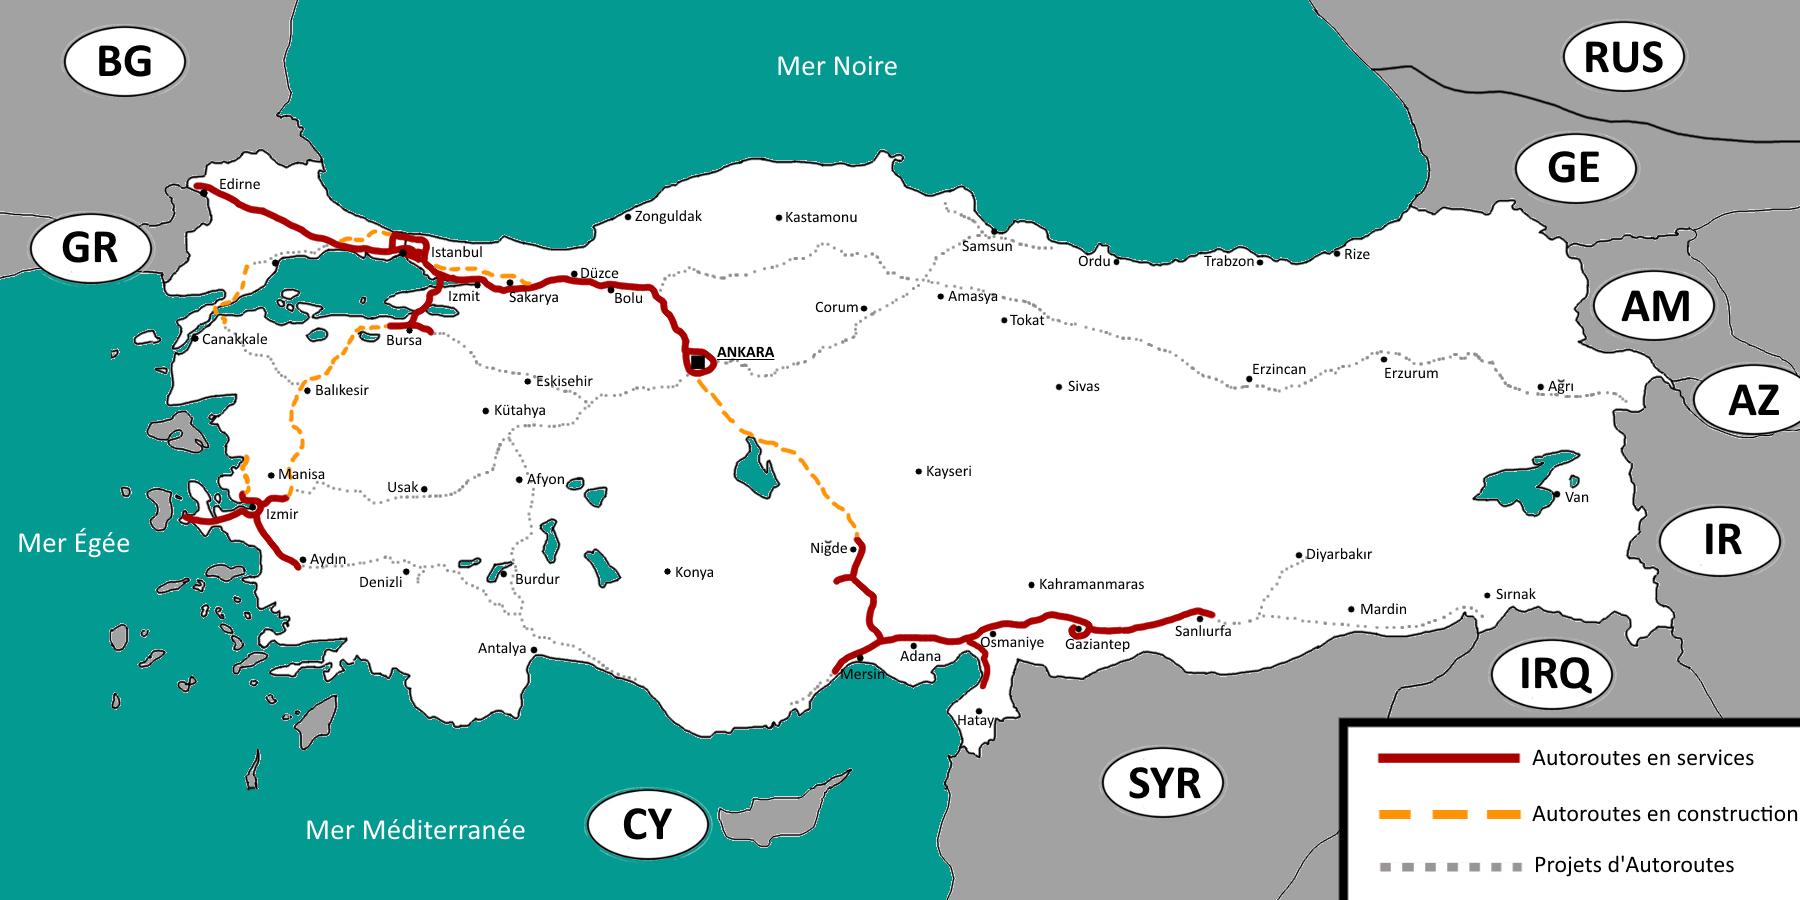 Liste Des Autoroutes De La Turquie Wikipédia